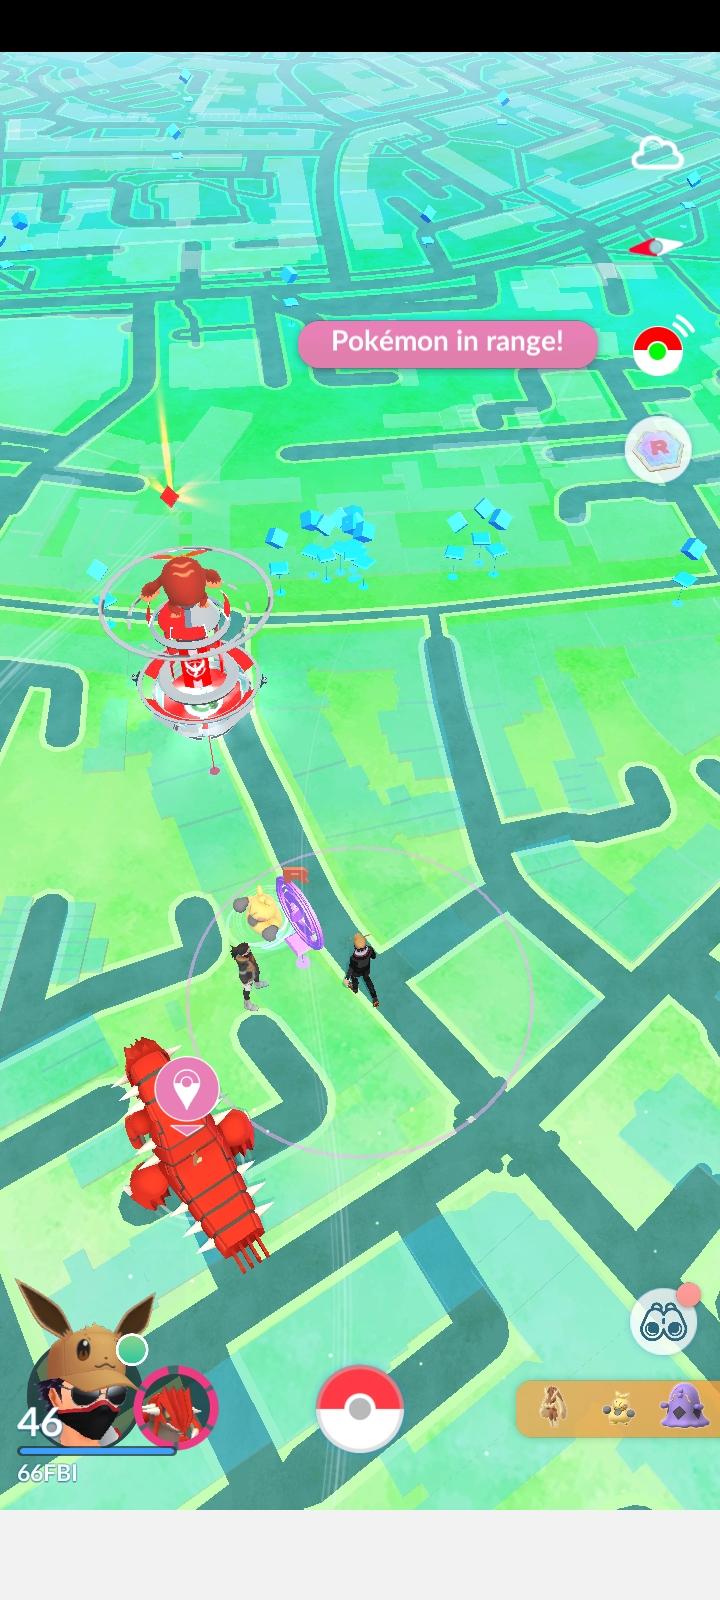 Pokemon_GO_2021-02-28-15-16-52.jpg